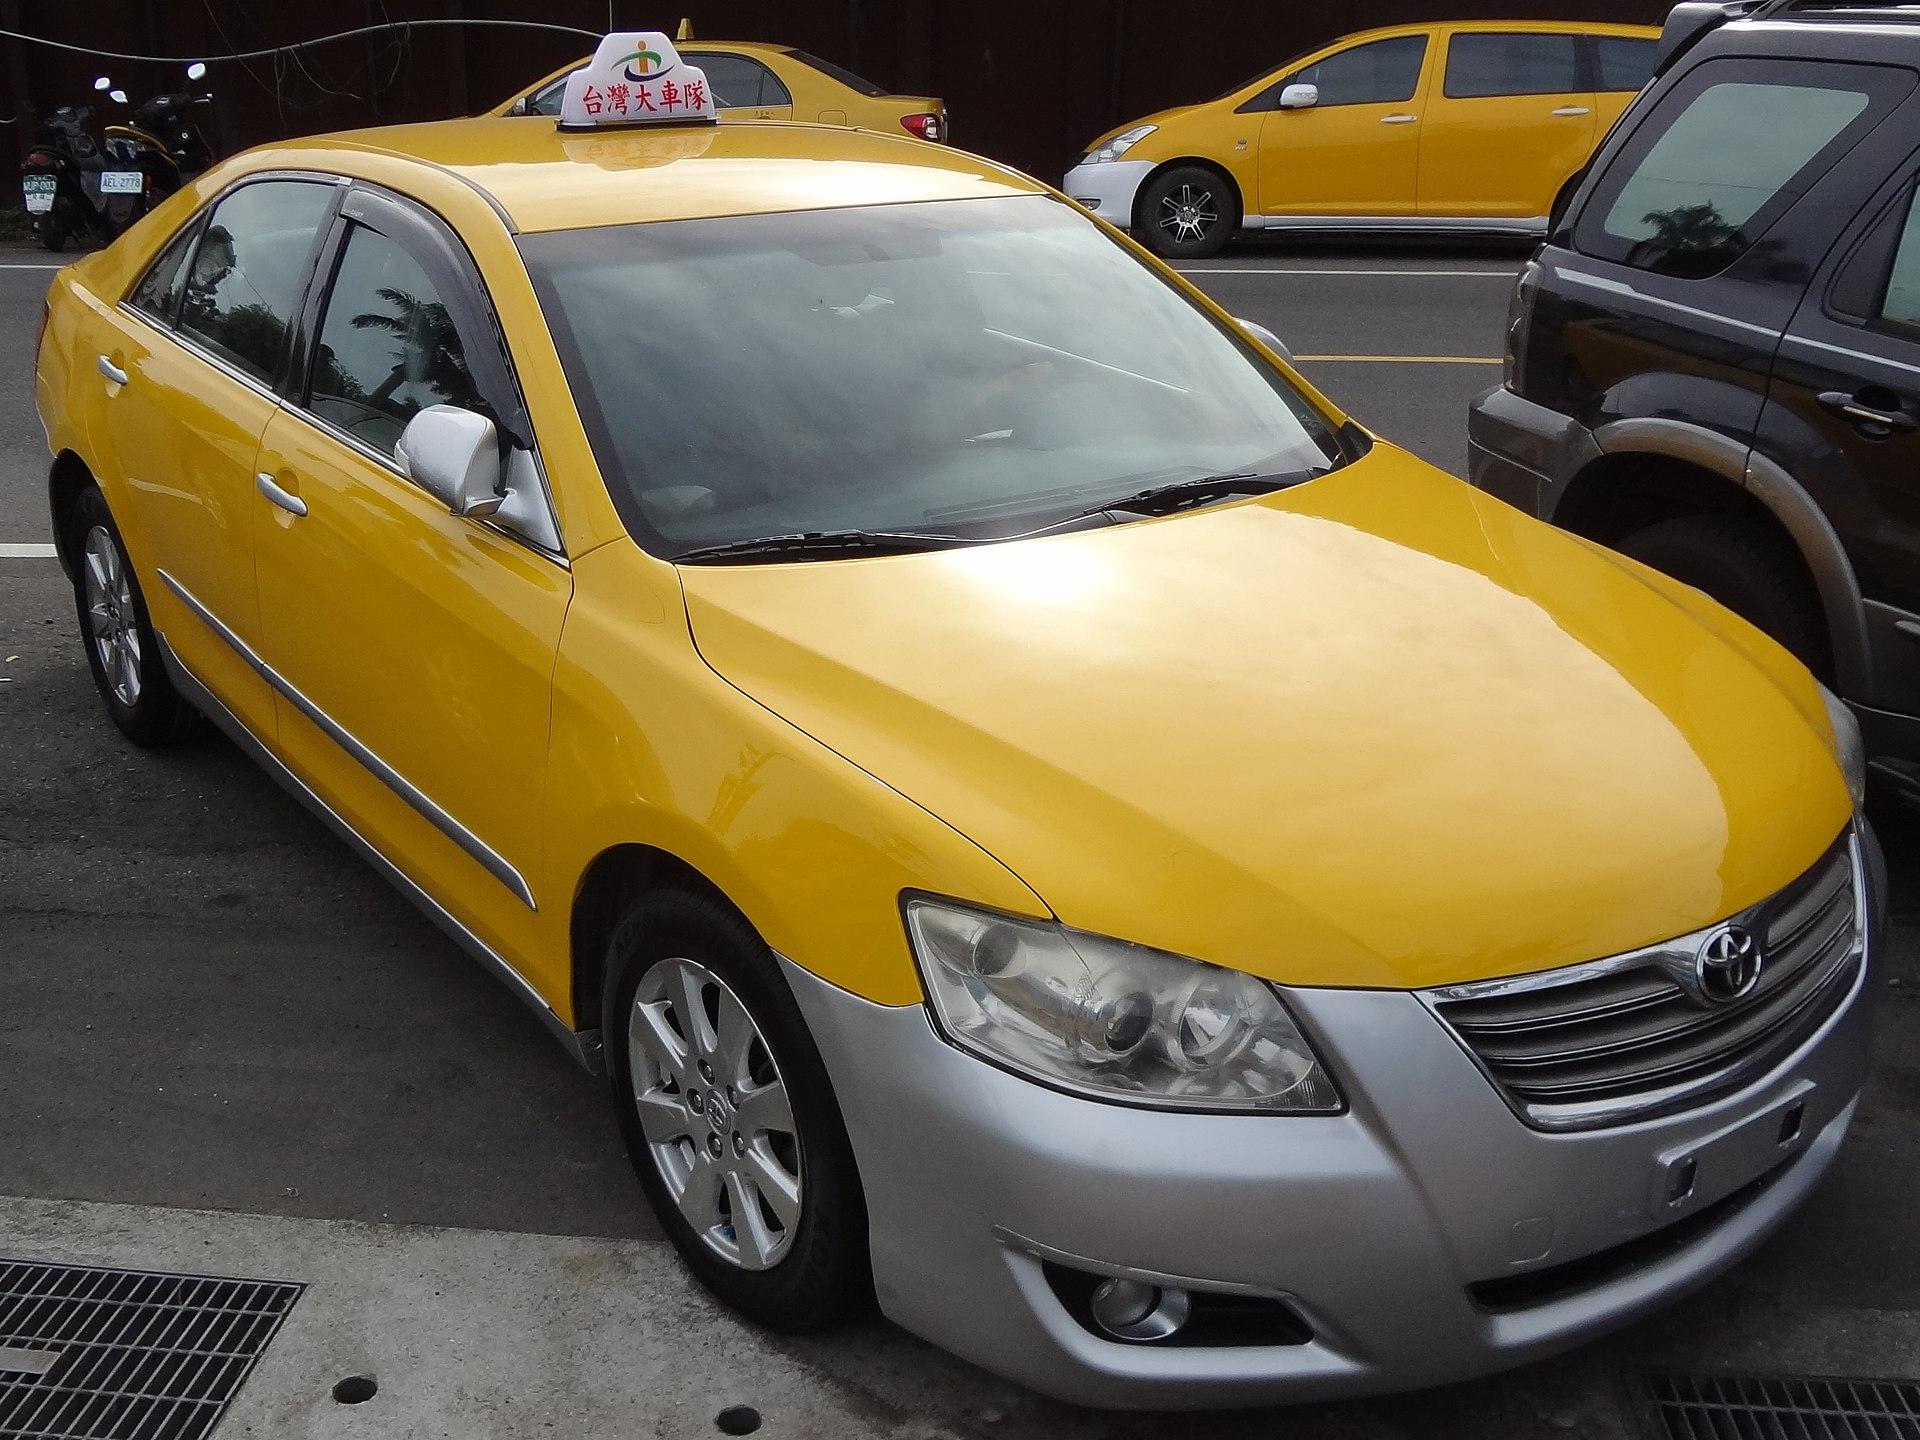 台灣計程車 維基百科,自由的百科全書